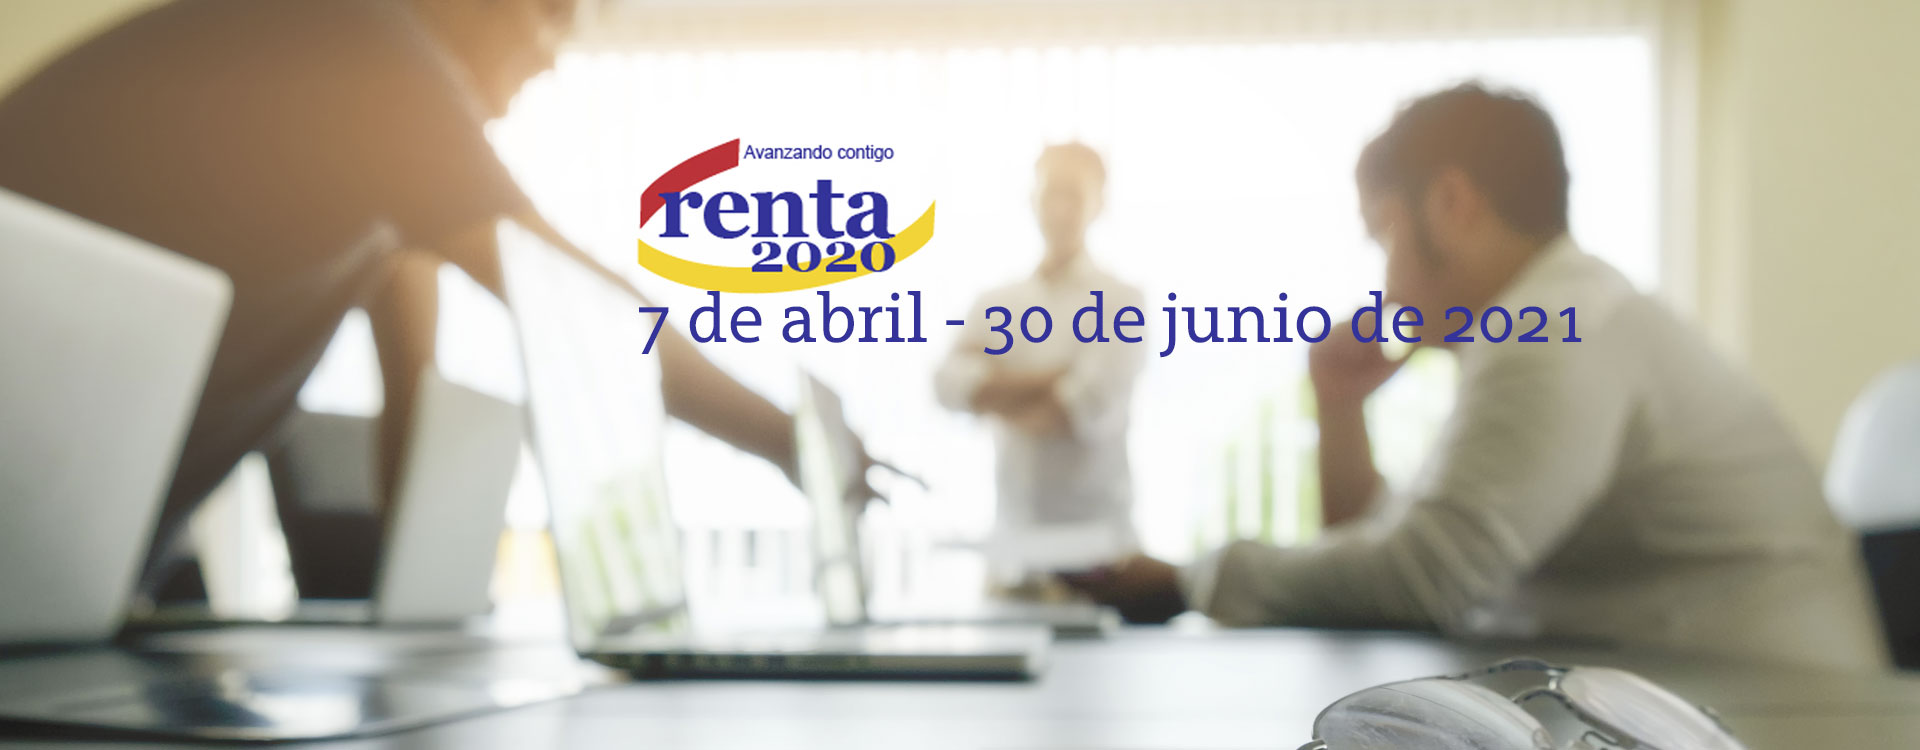 slide-gestoria-autonomos-medianas-empresas-barcelona-renta-2020-2